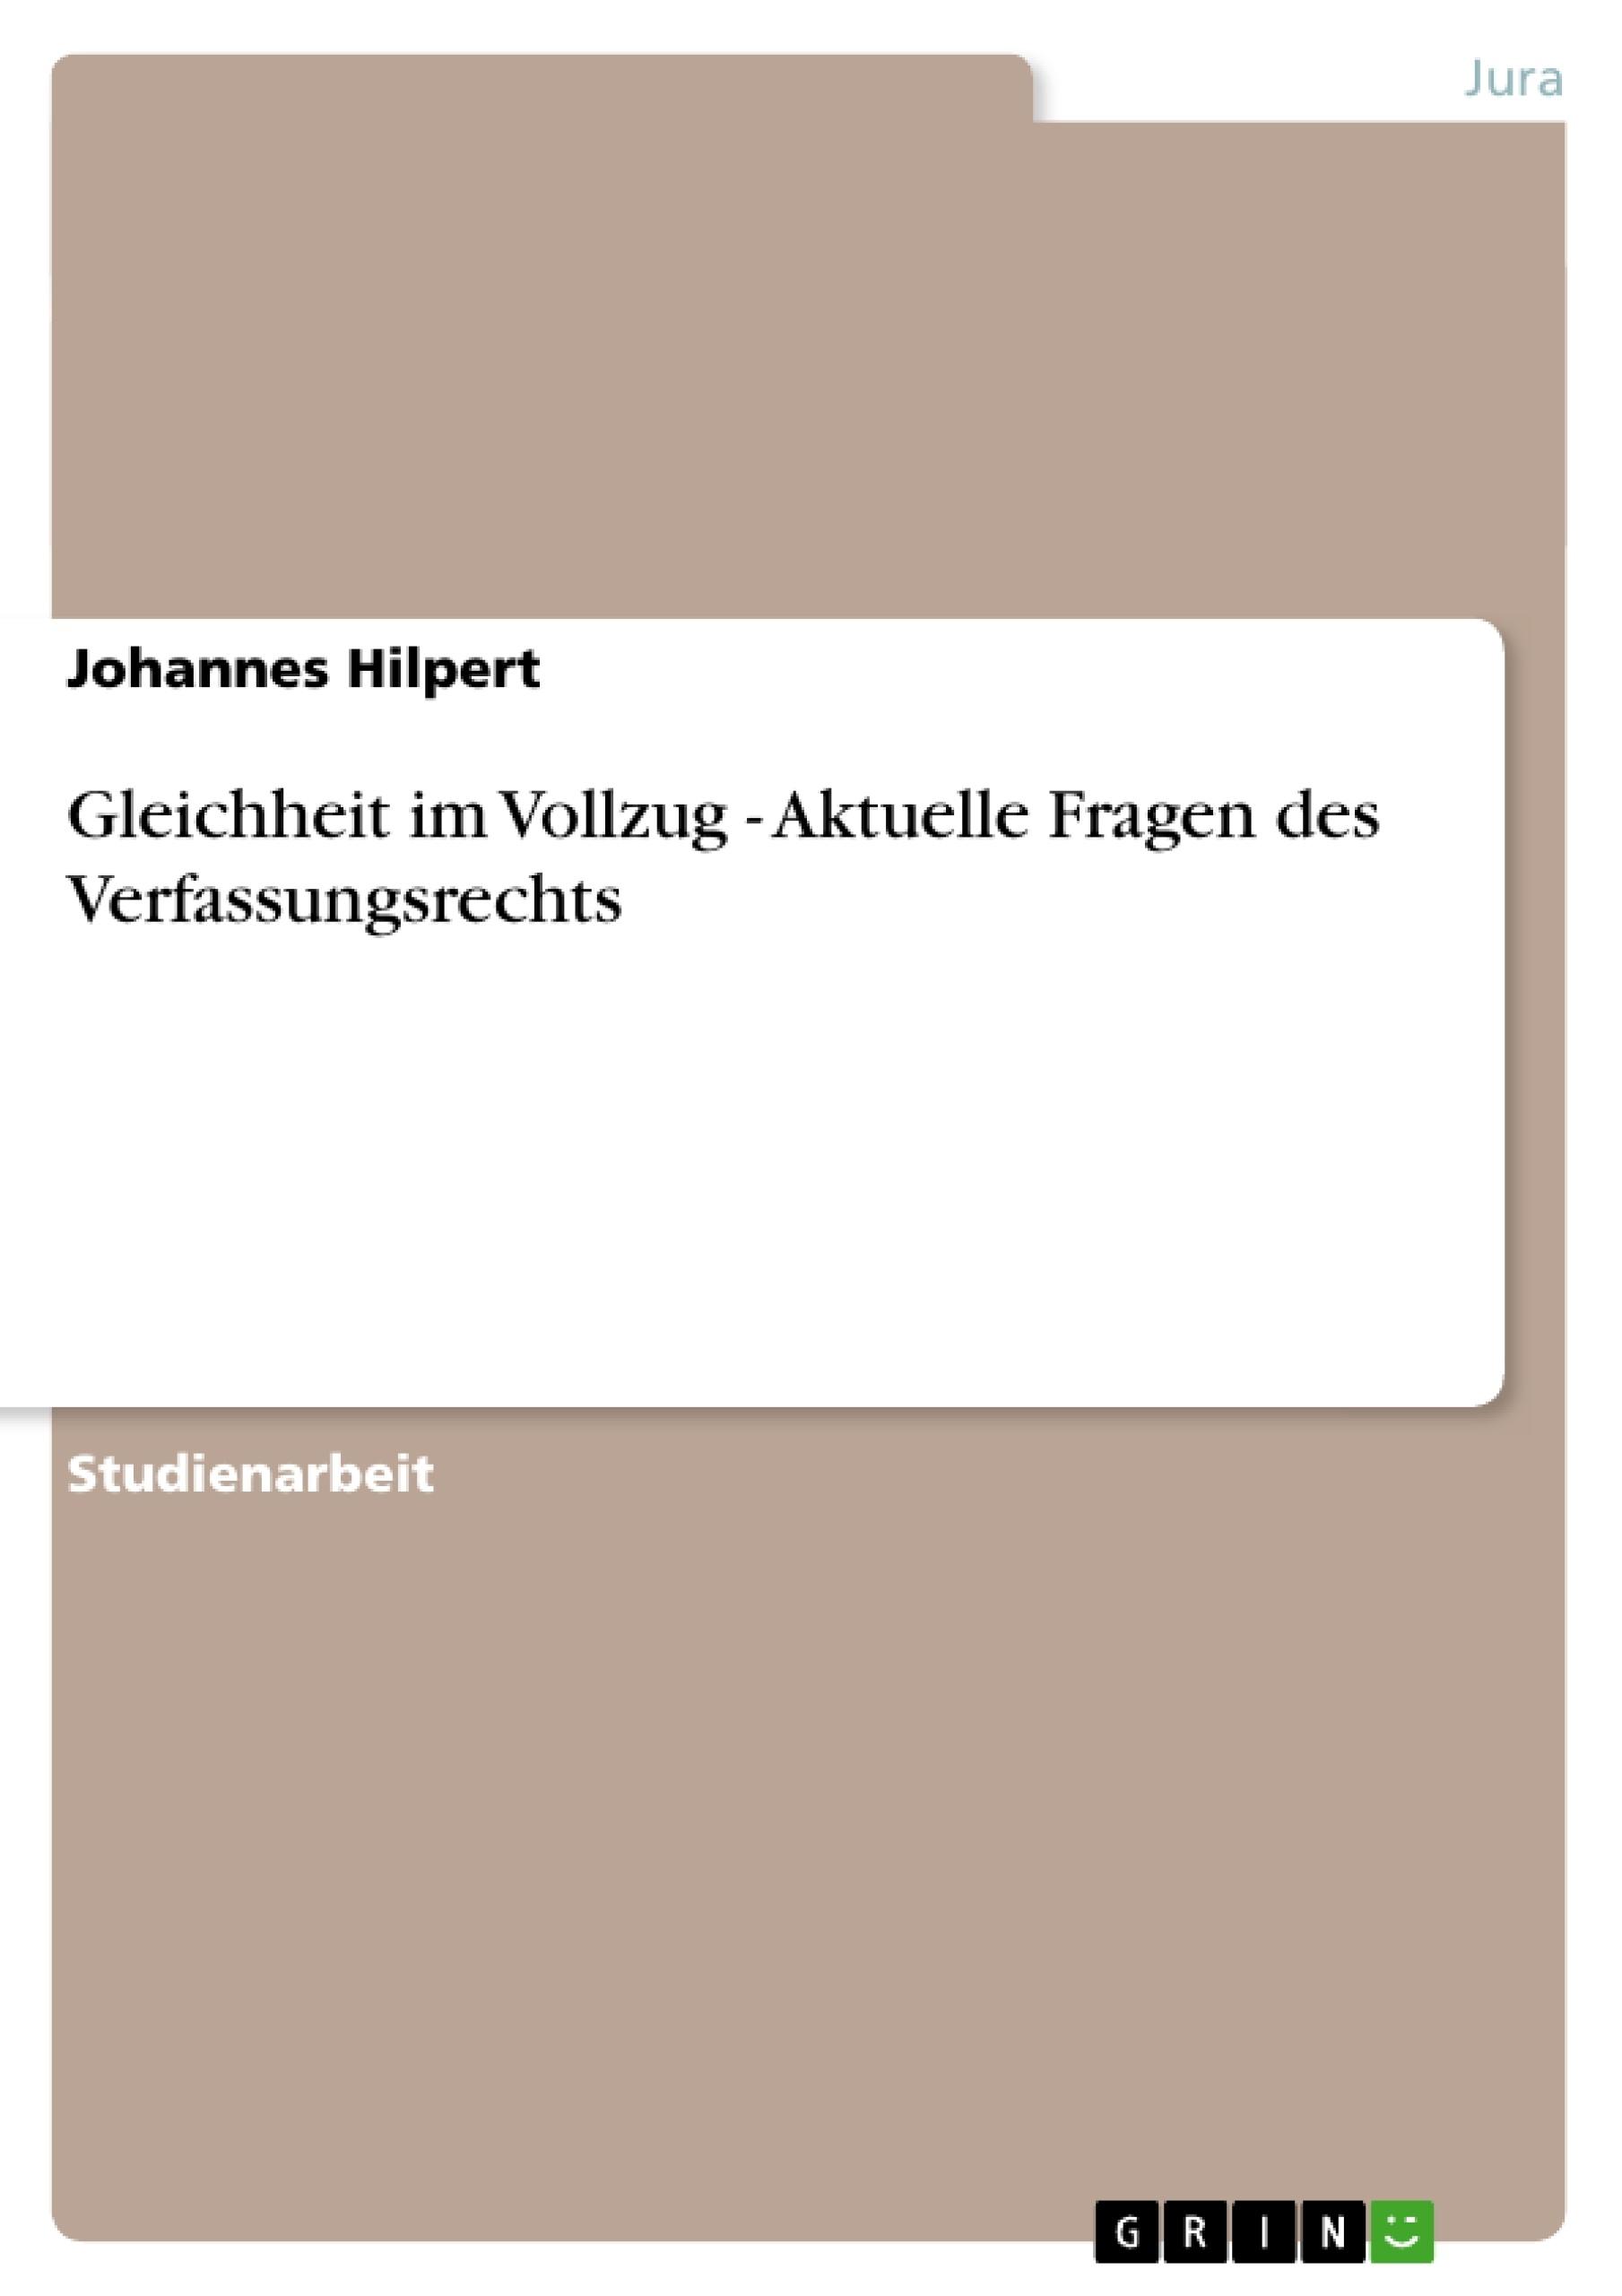 Titel: Gleichheit im Vollzug - Aktuelle Fragen des Verfassungsrechts